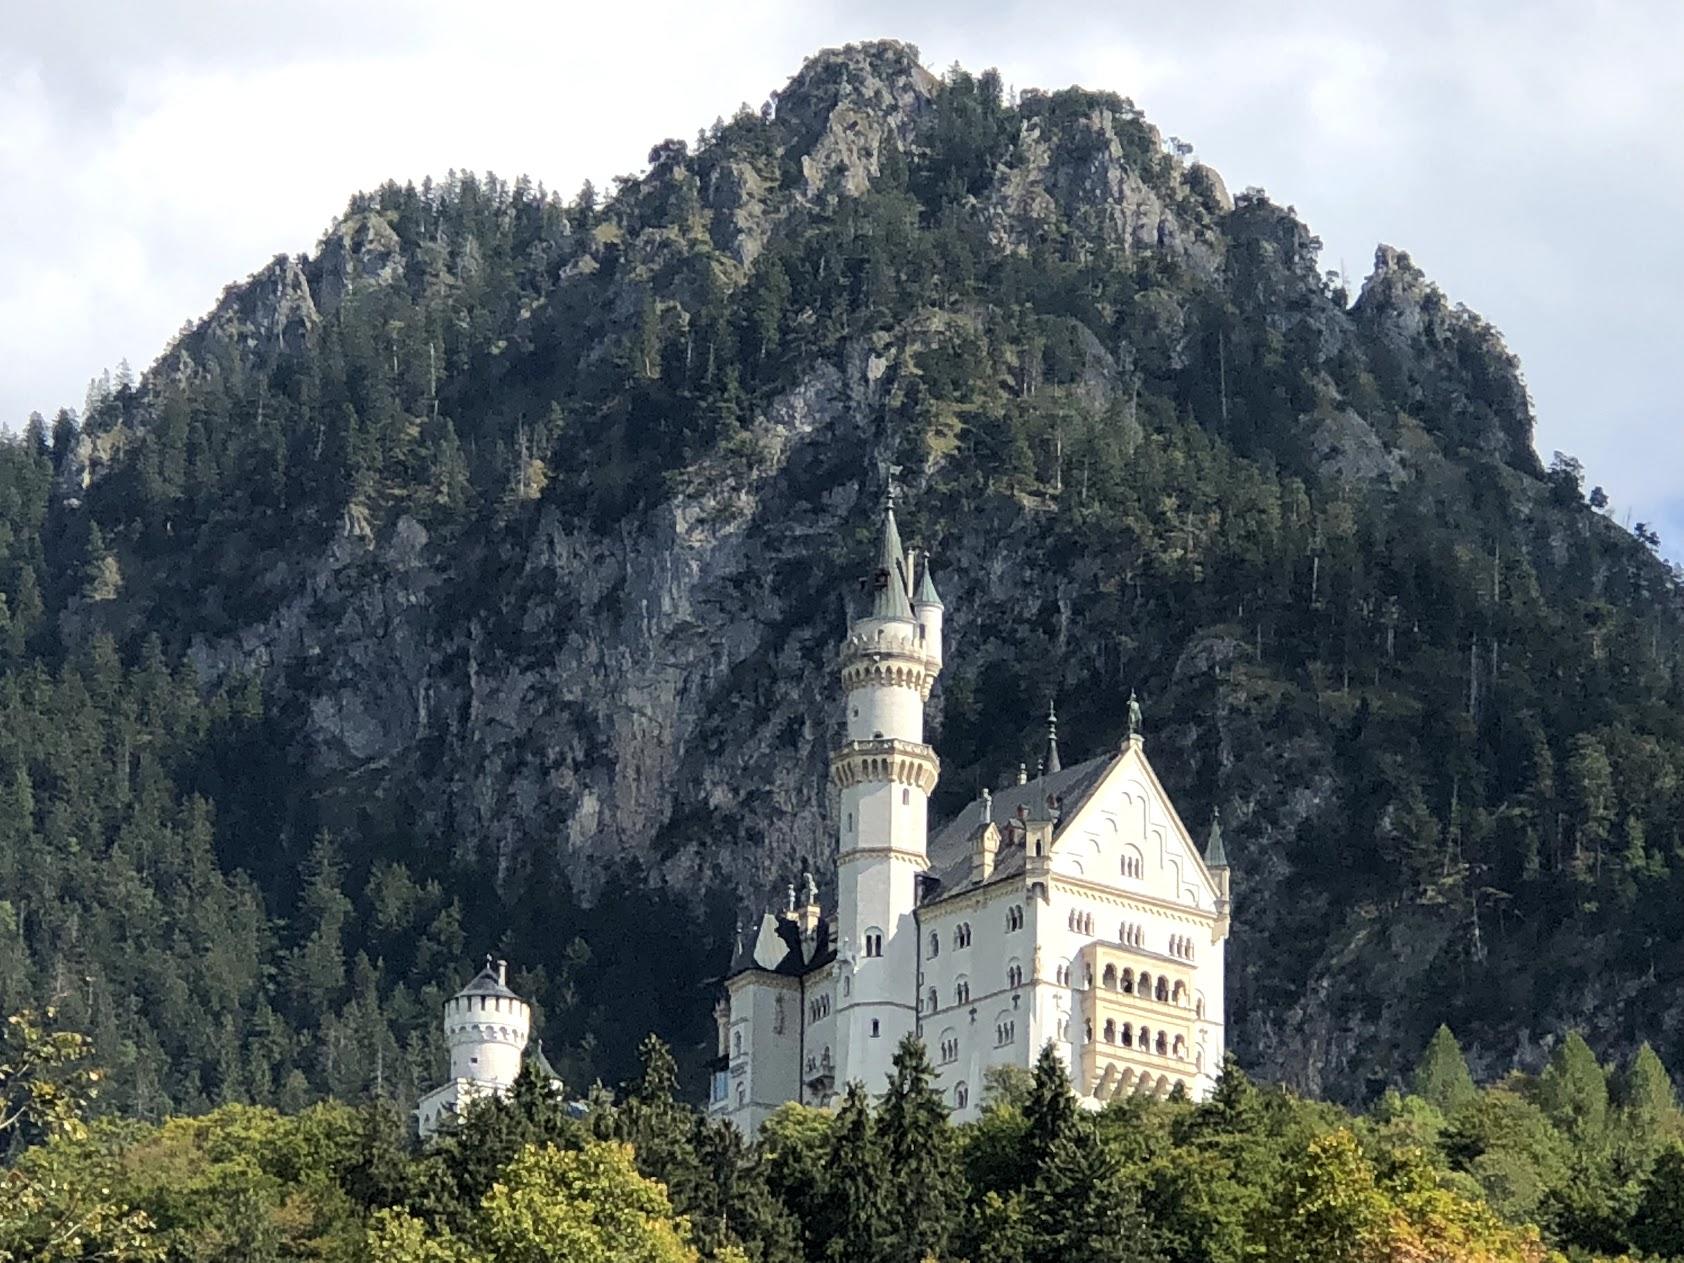 Neuschwanstein Castle and Mountain